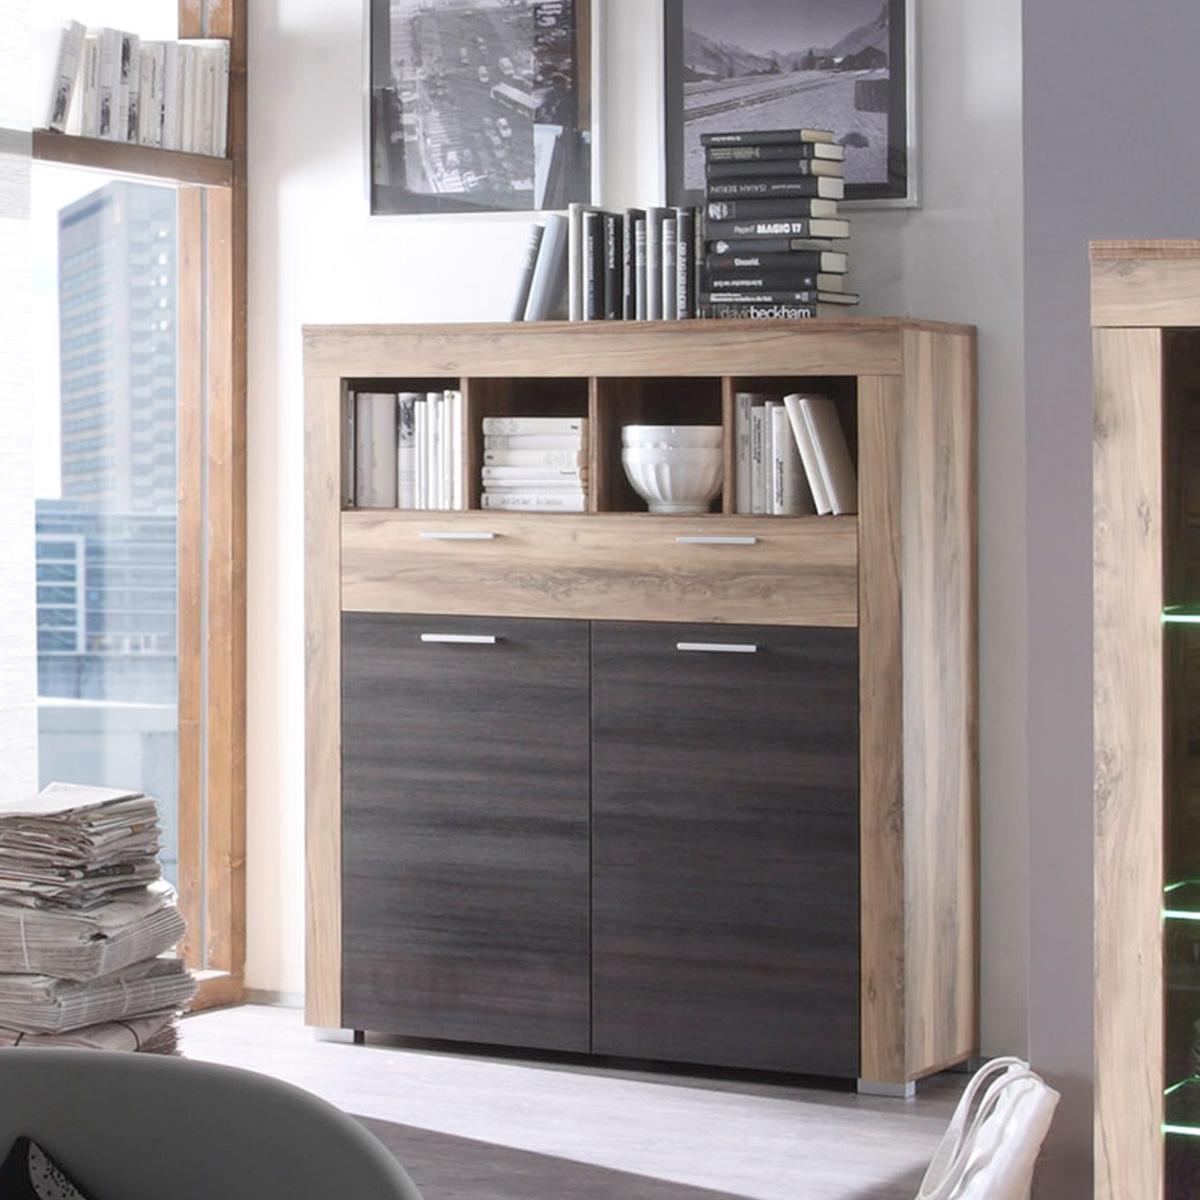 kommode boom schrank in nussbaum satin braun touchwood ebay. Black Bedroom Furniture Sets. Home Design Ideas